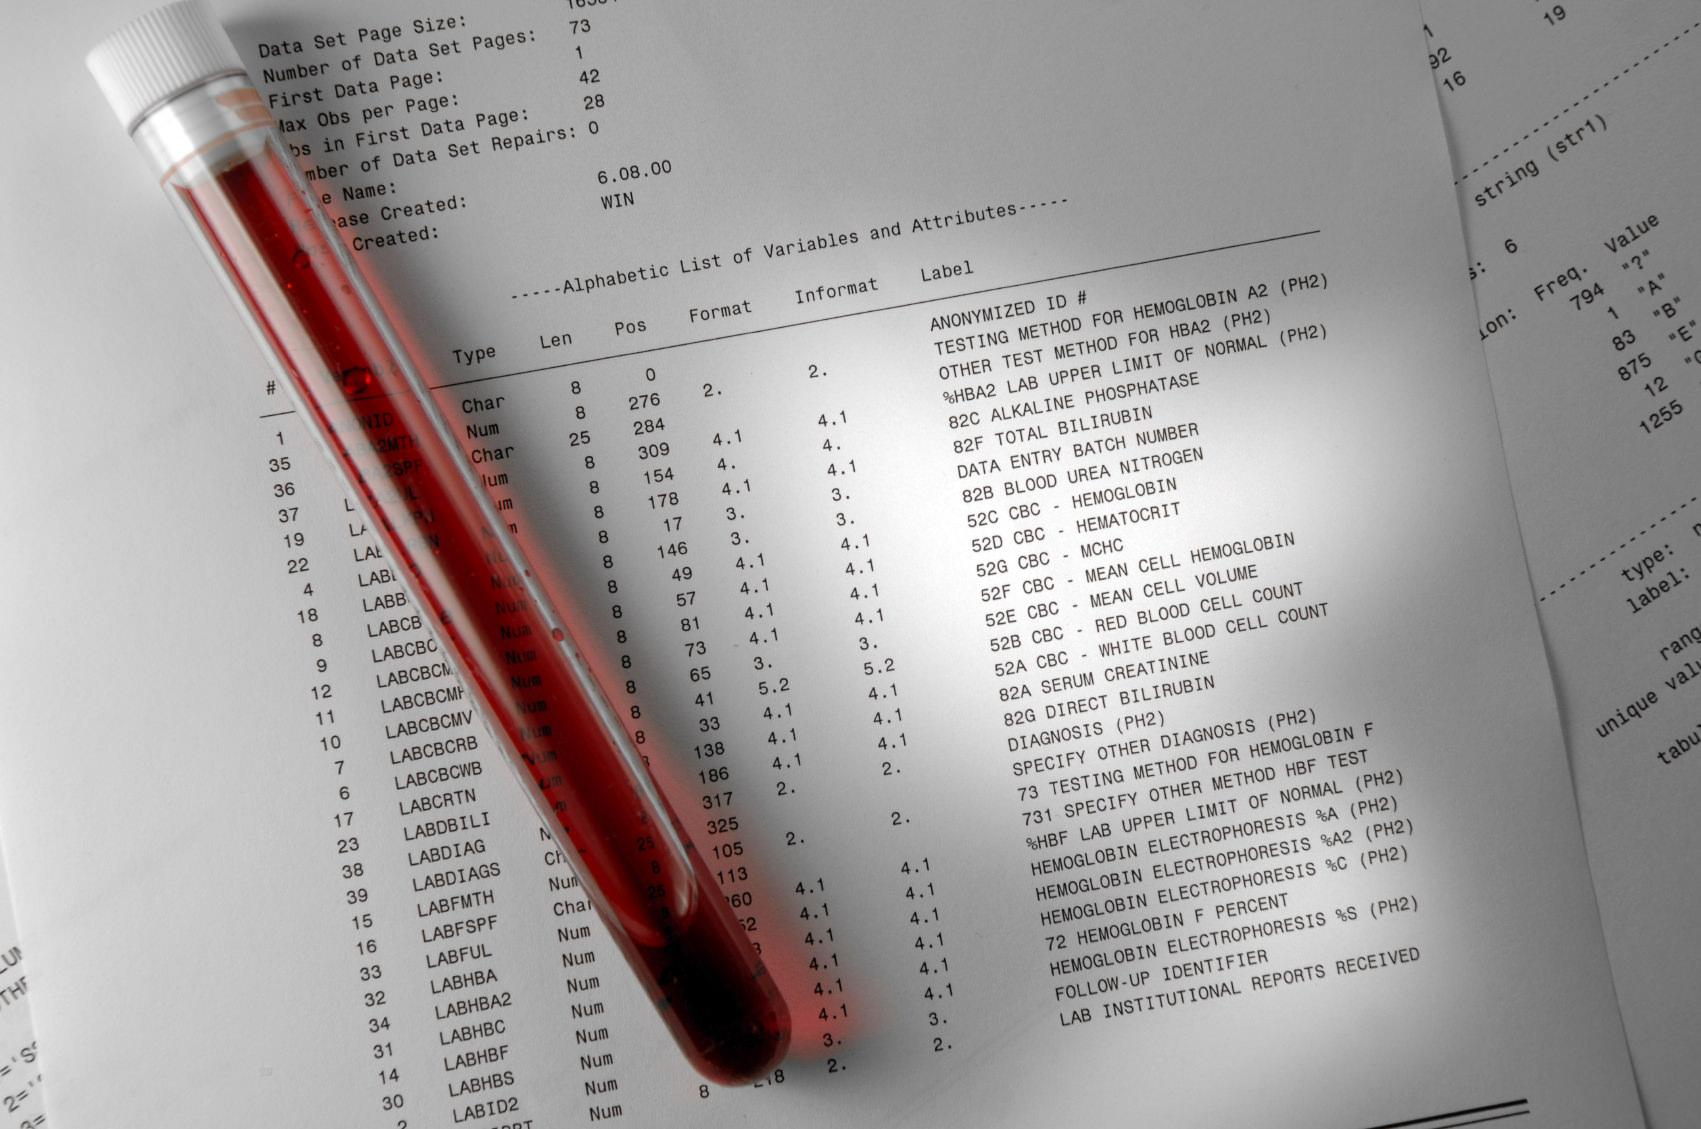 биохимический анализ крови повышенный холестерин